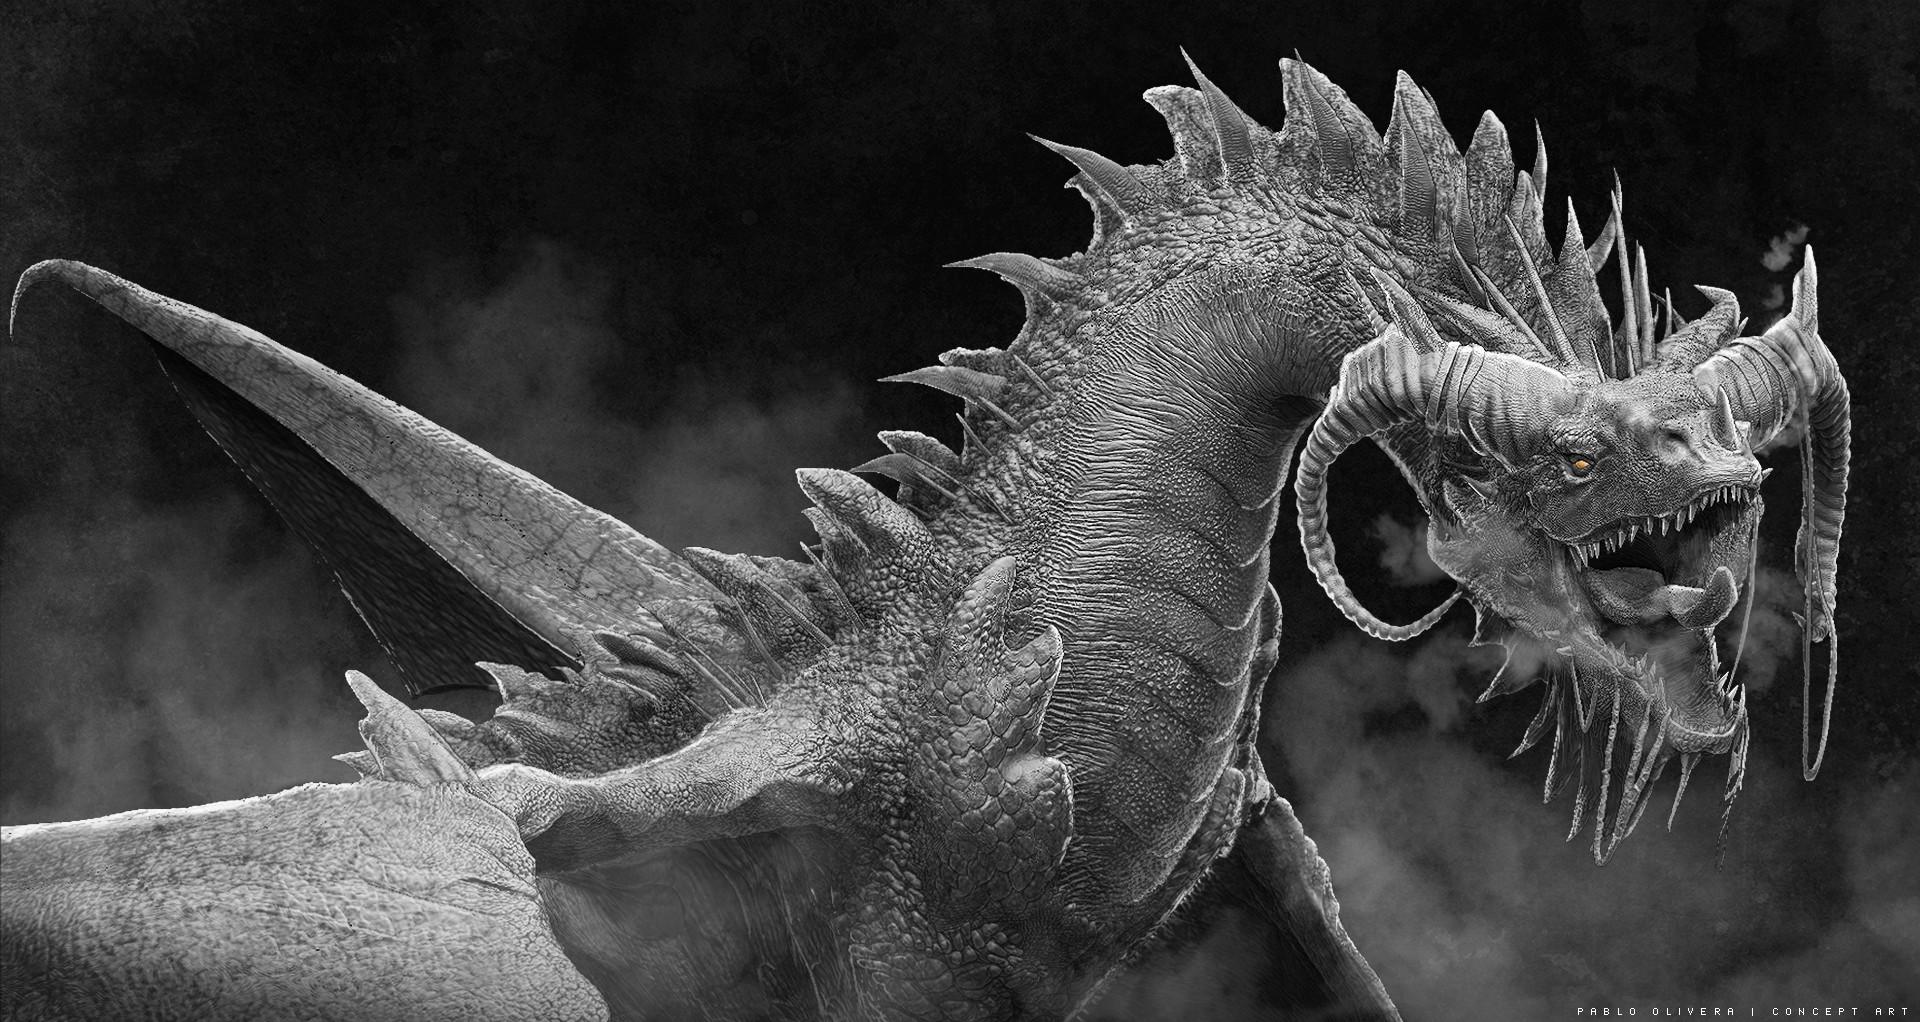 Pablo olivera dragones wacom zbrush 04